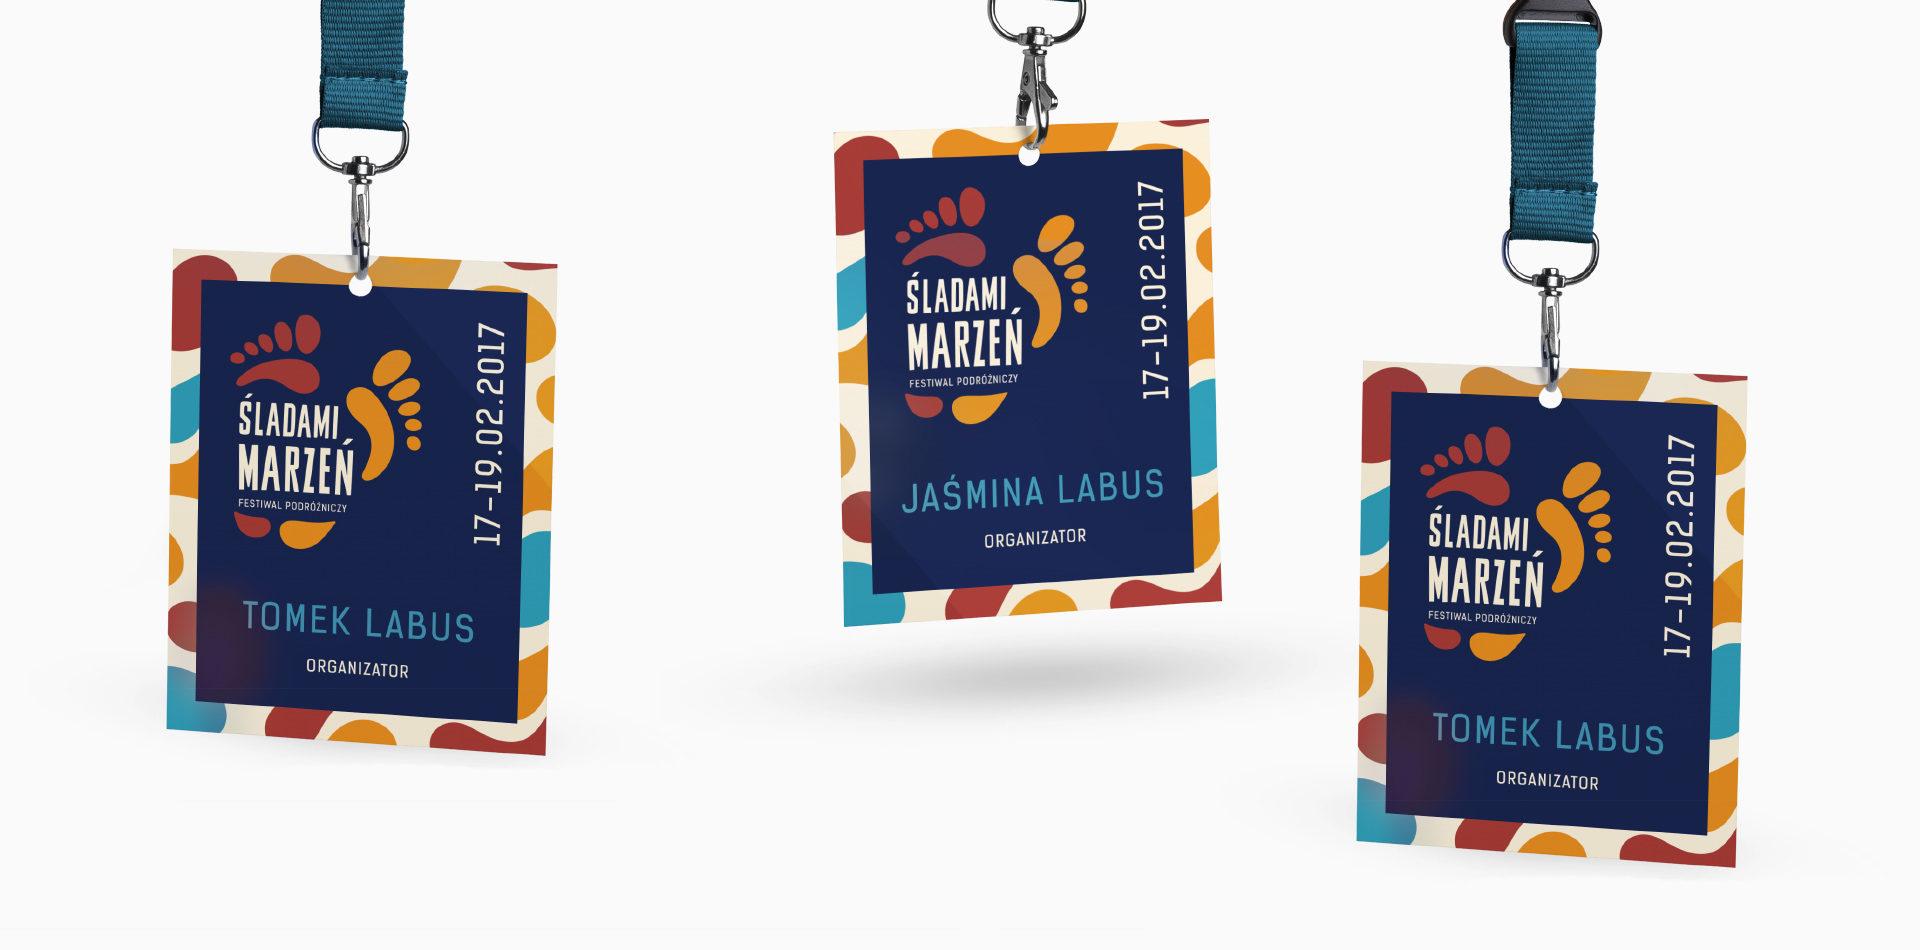 ID cards for people envolve in Festiwal Sladami Marzen